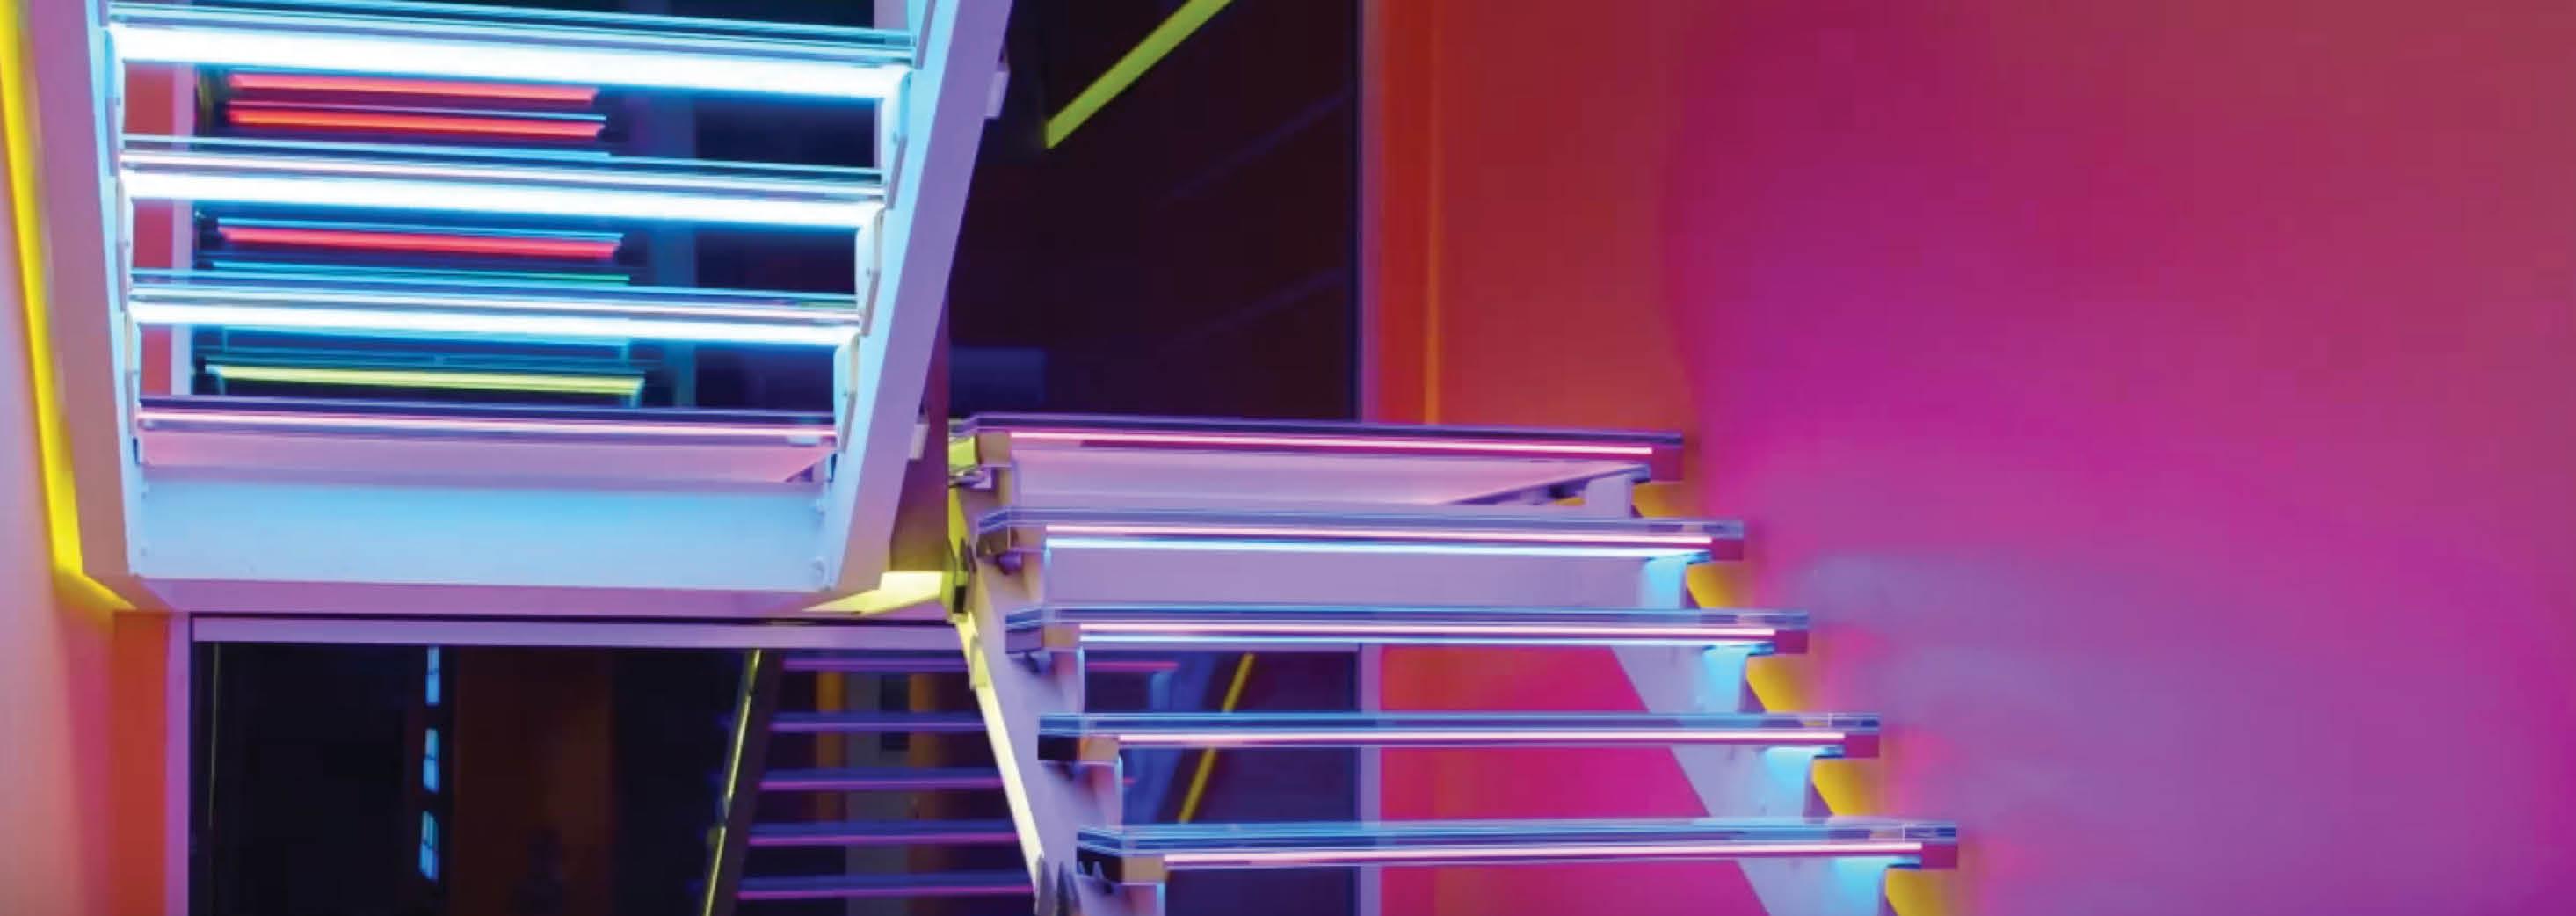 PLEXIGLAS® LED | The Original LED Acrylic Lighting & Signage